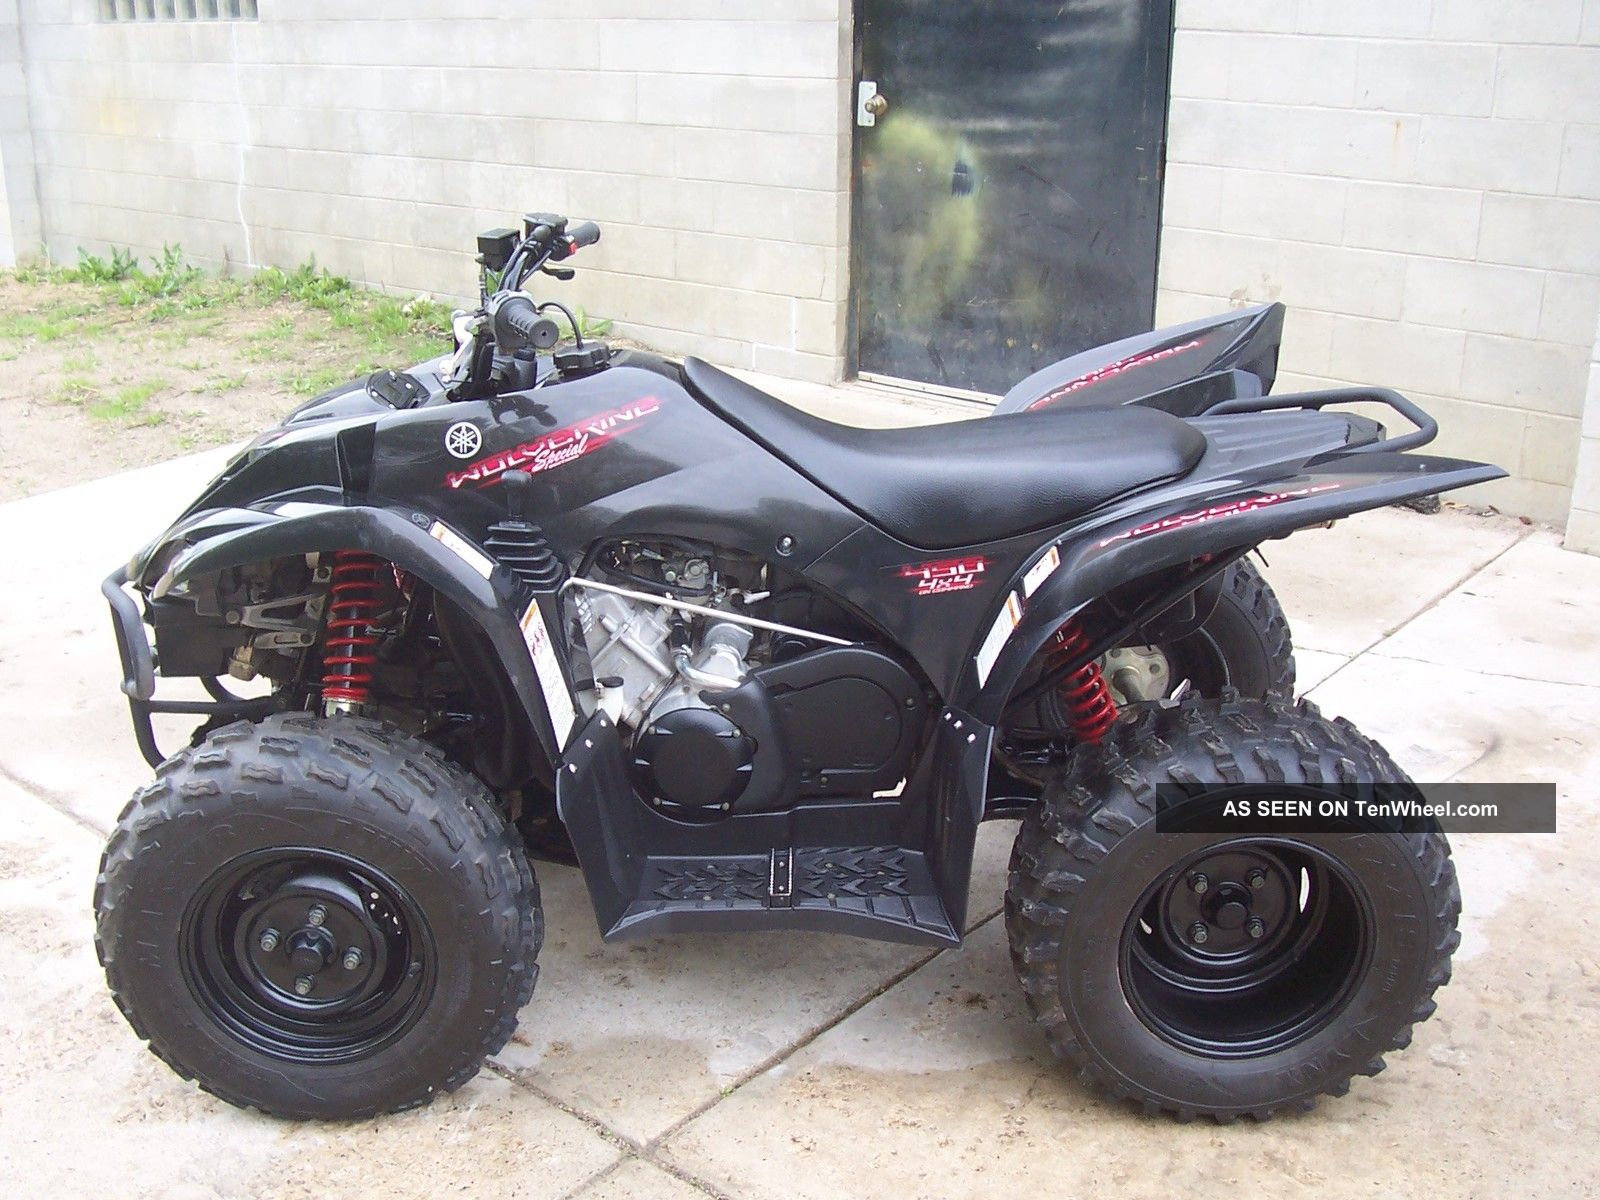 2007 Yamaha Yamaha photo